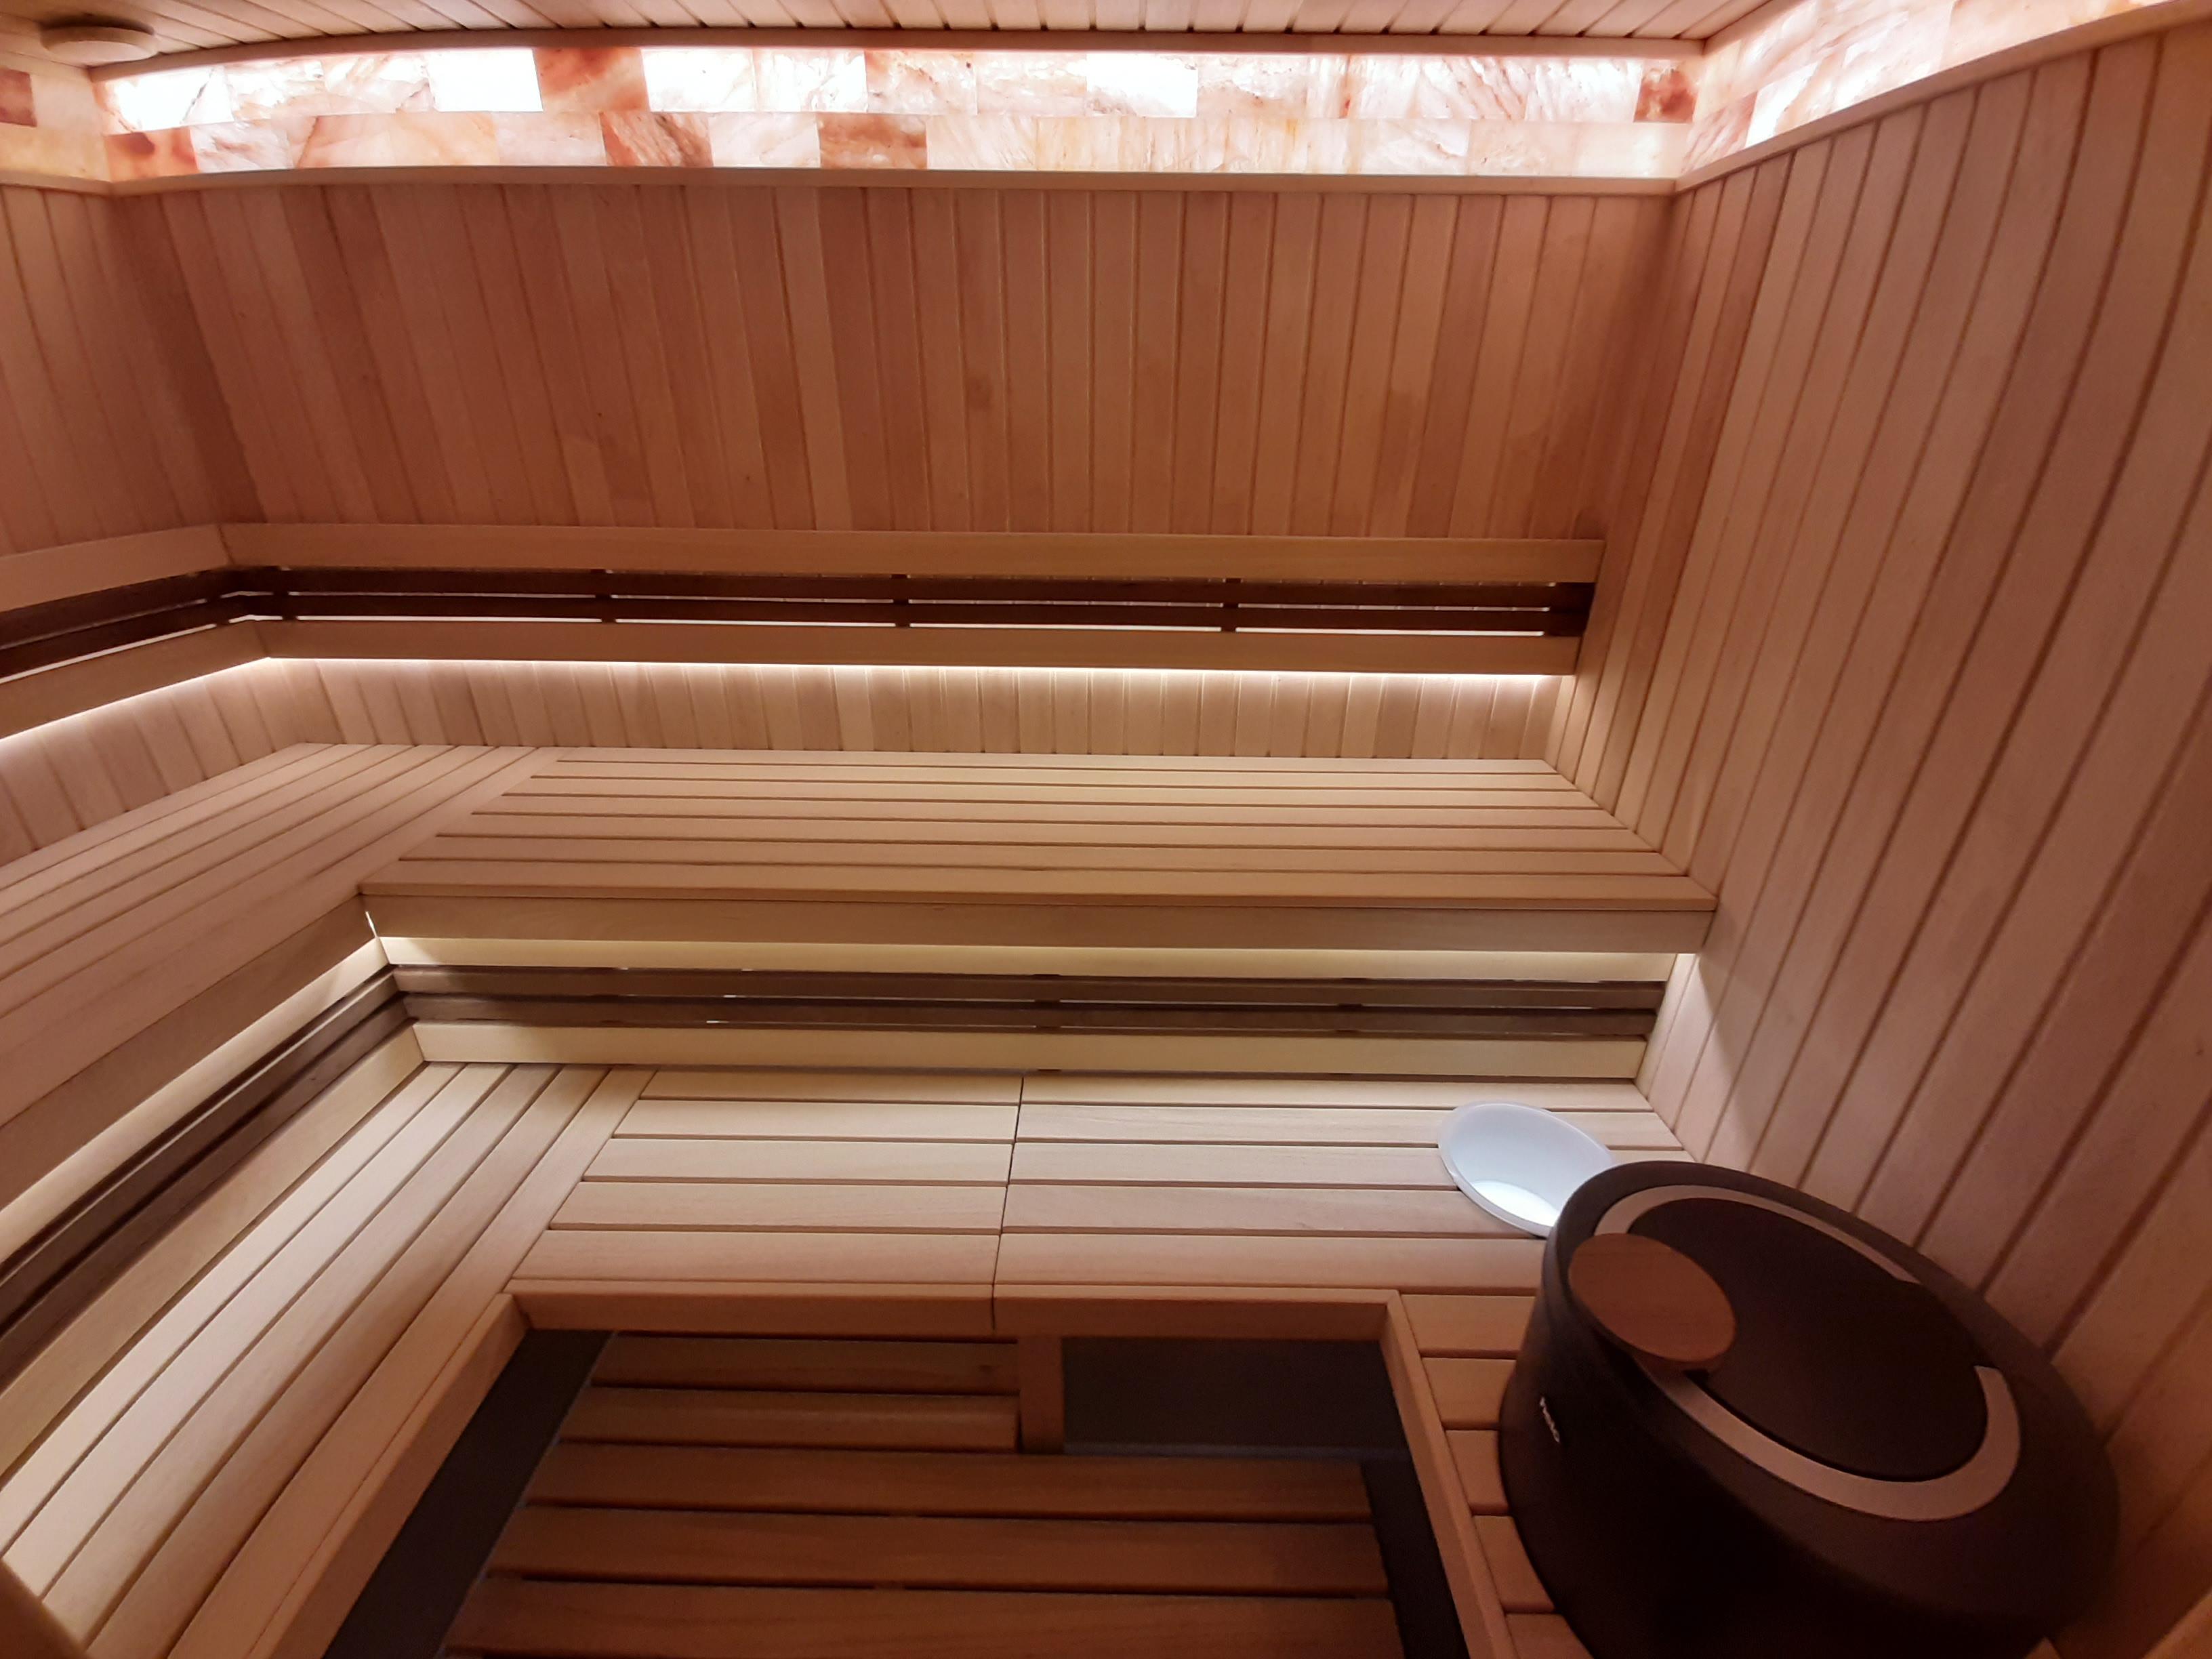 Лучшая вагонка для бани: какой лучше изнутри обшить, какой - снаружи, какую использовать в парилке и других частях бани